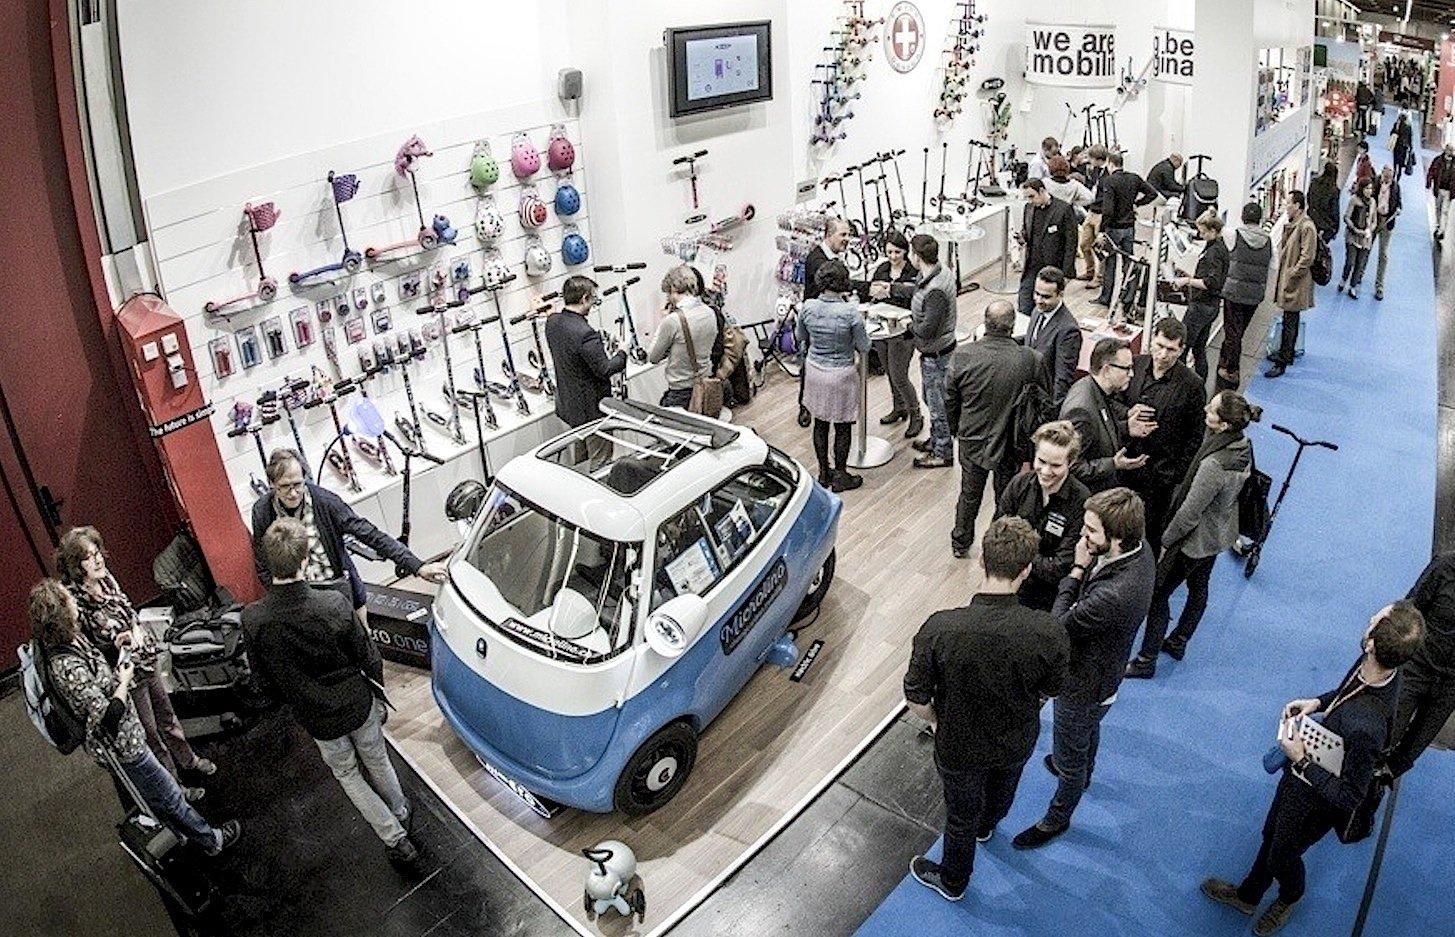 Der Isetta-Nachbau Microlino soll Ende 2017 ausgeliefert werden.